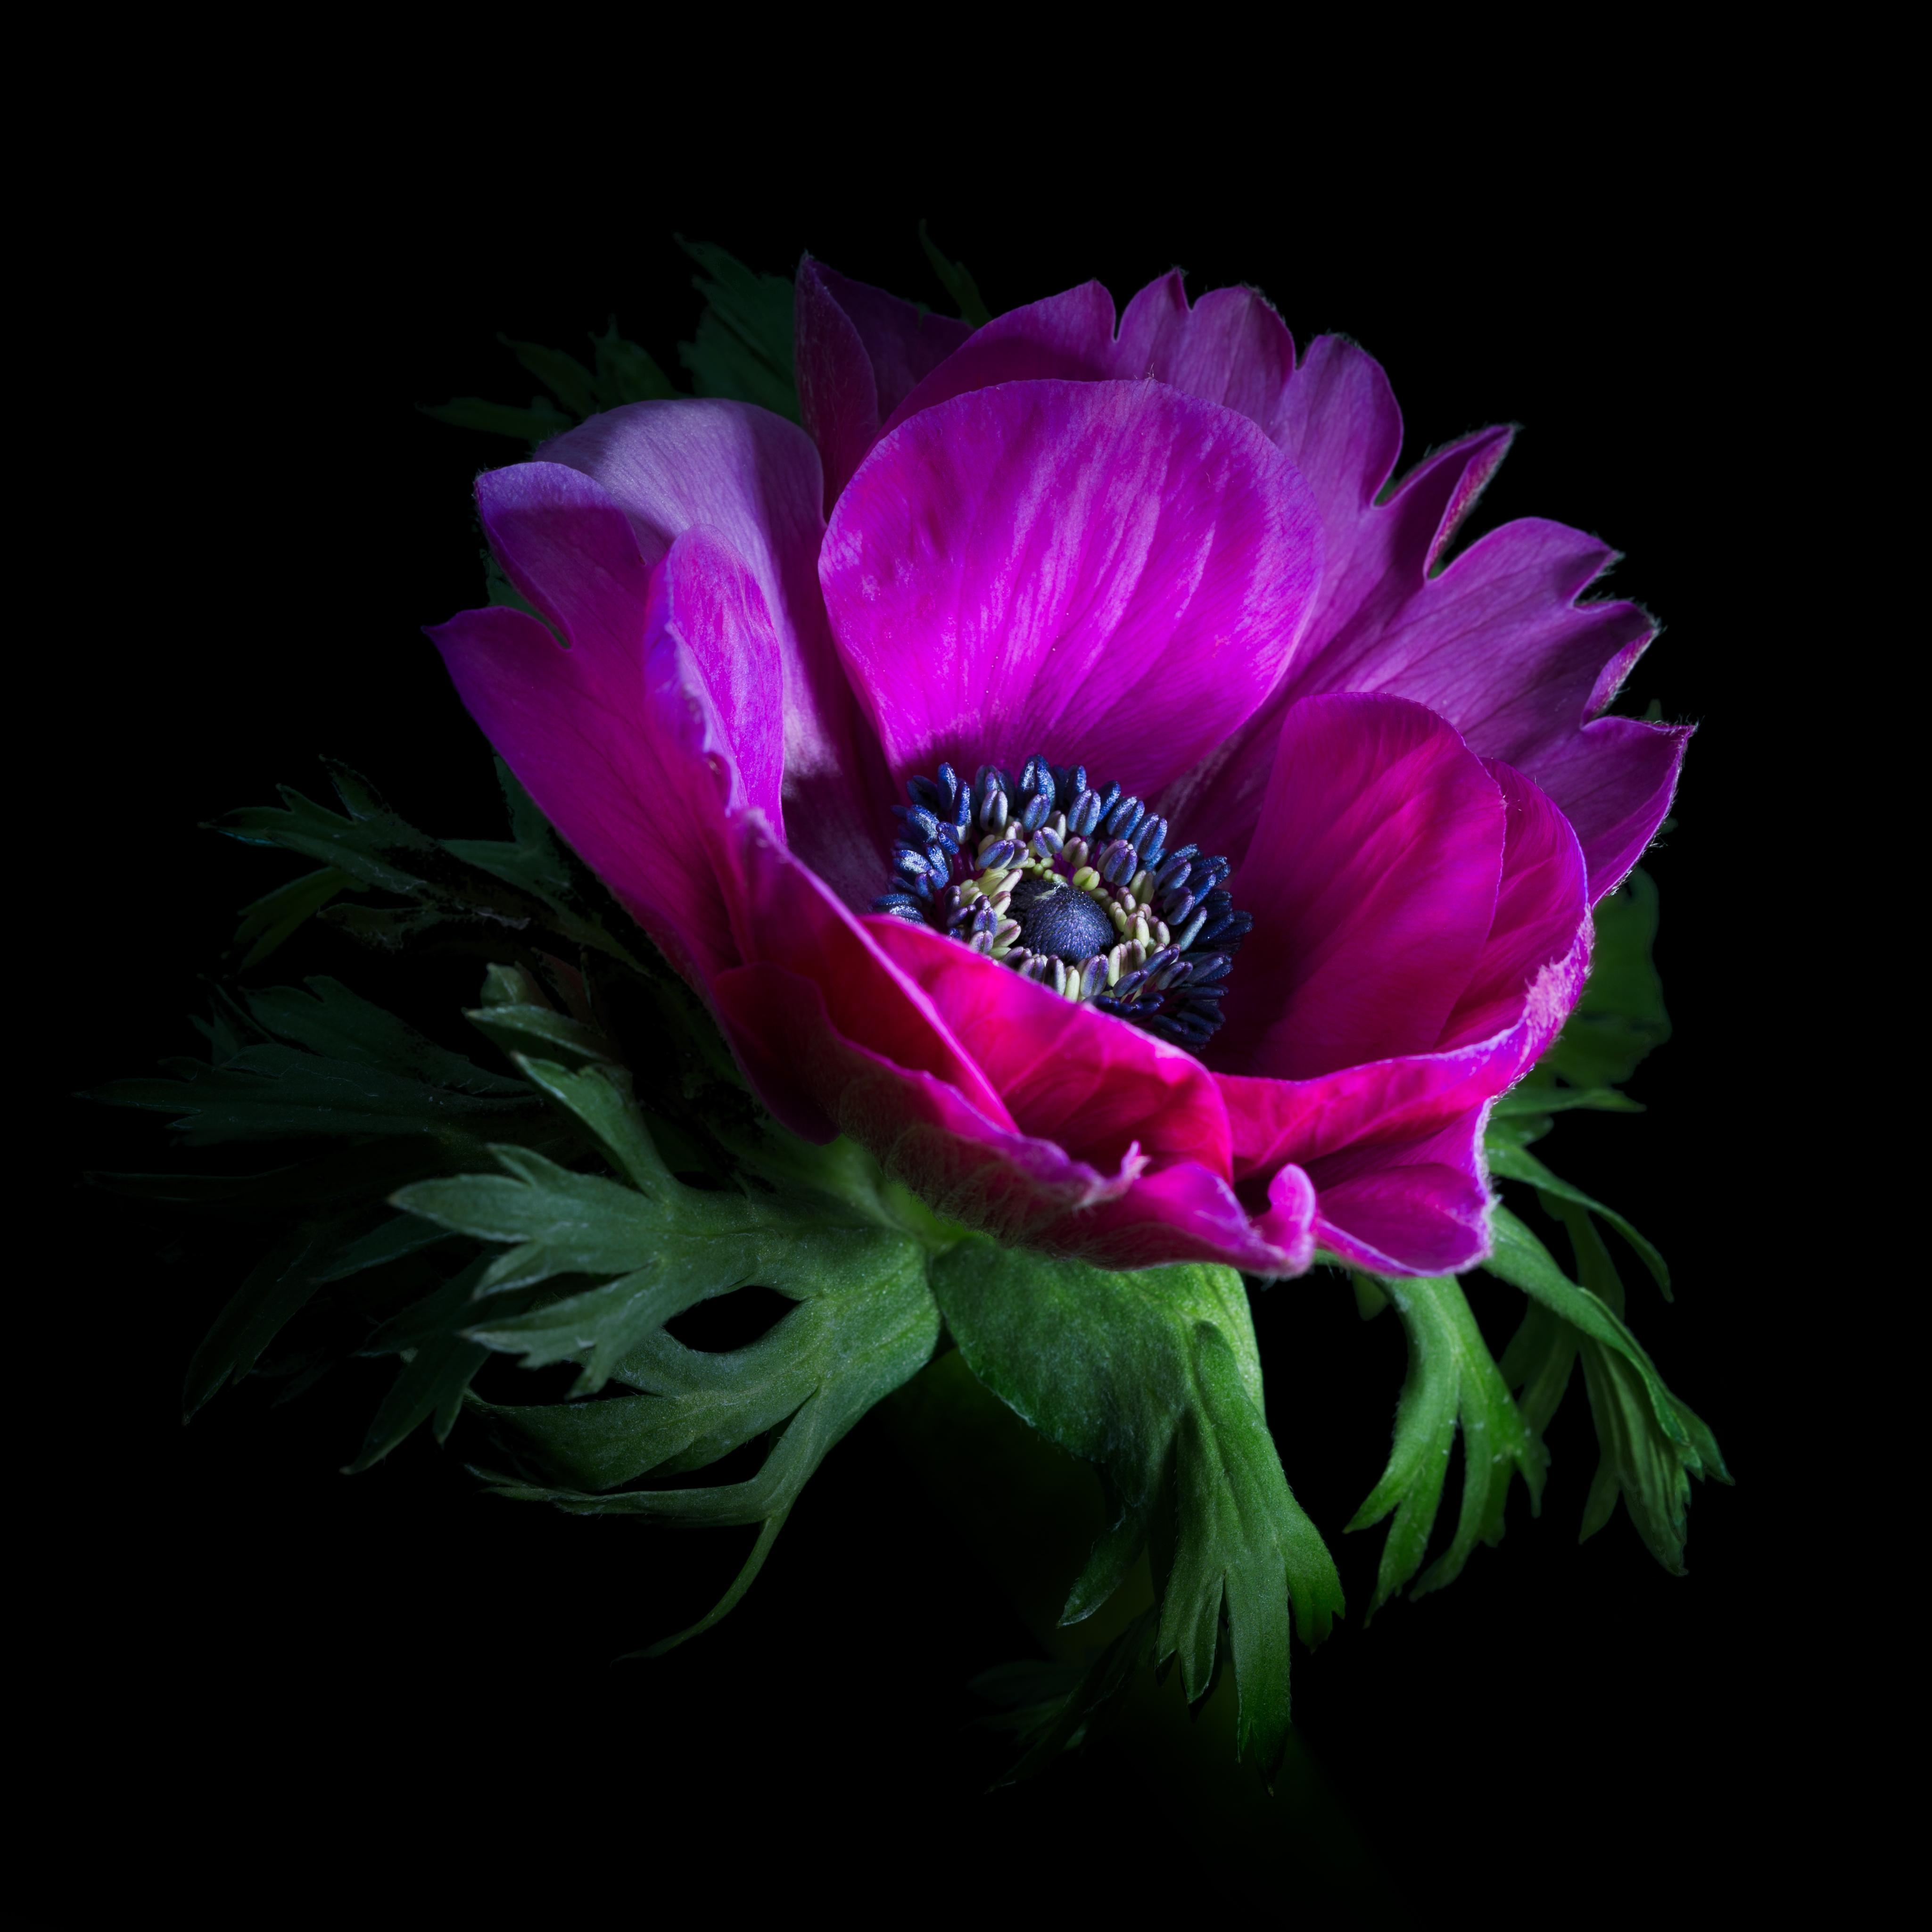 картинки сиреневые цветы на черном фоне потеха угадай